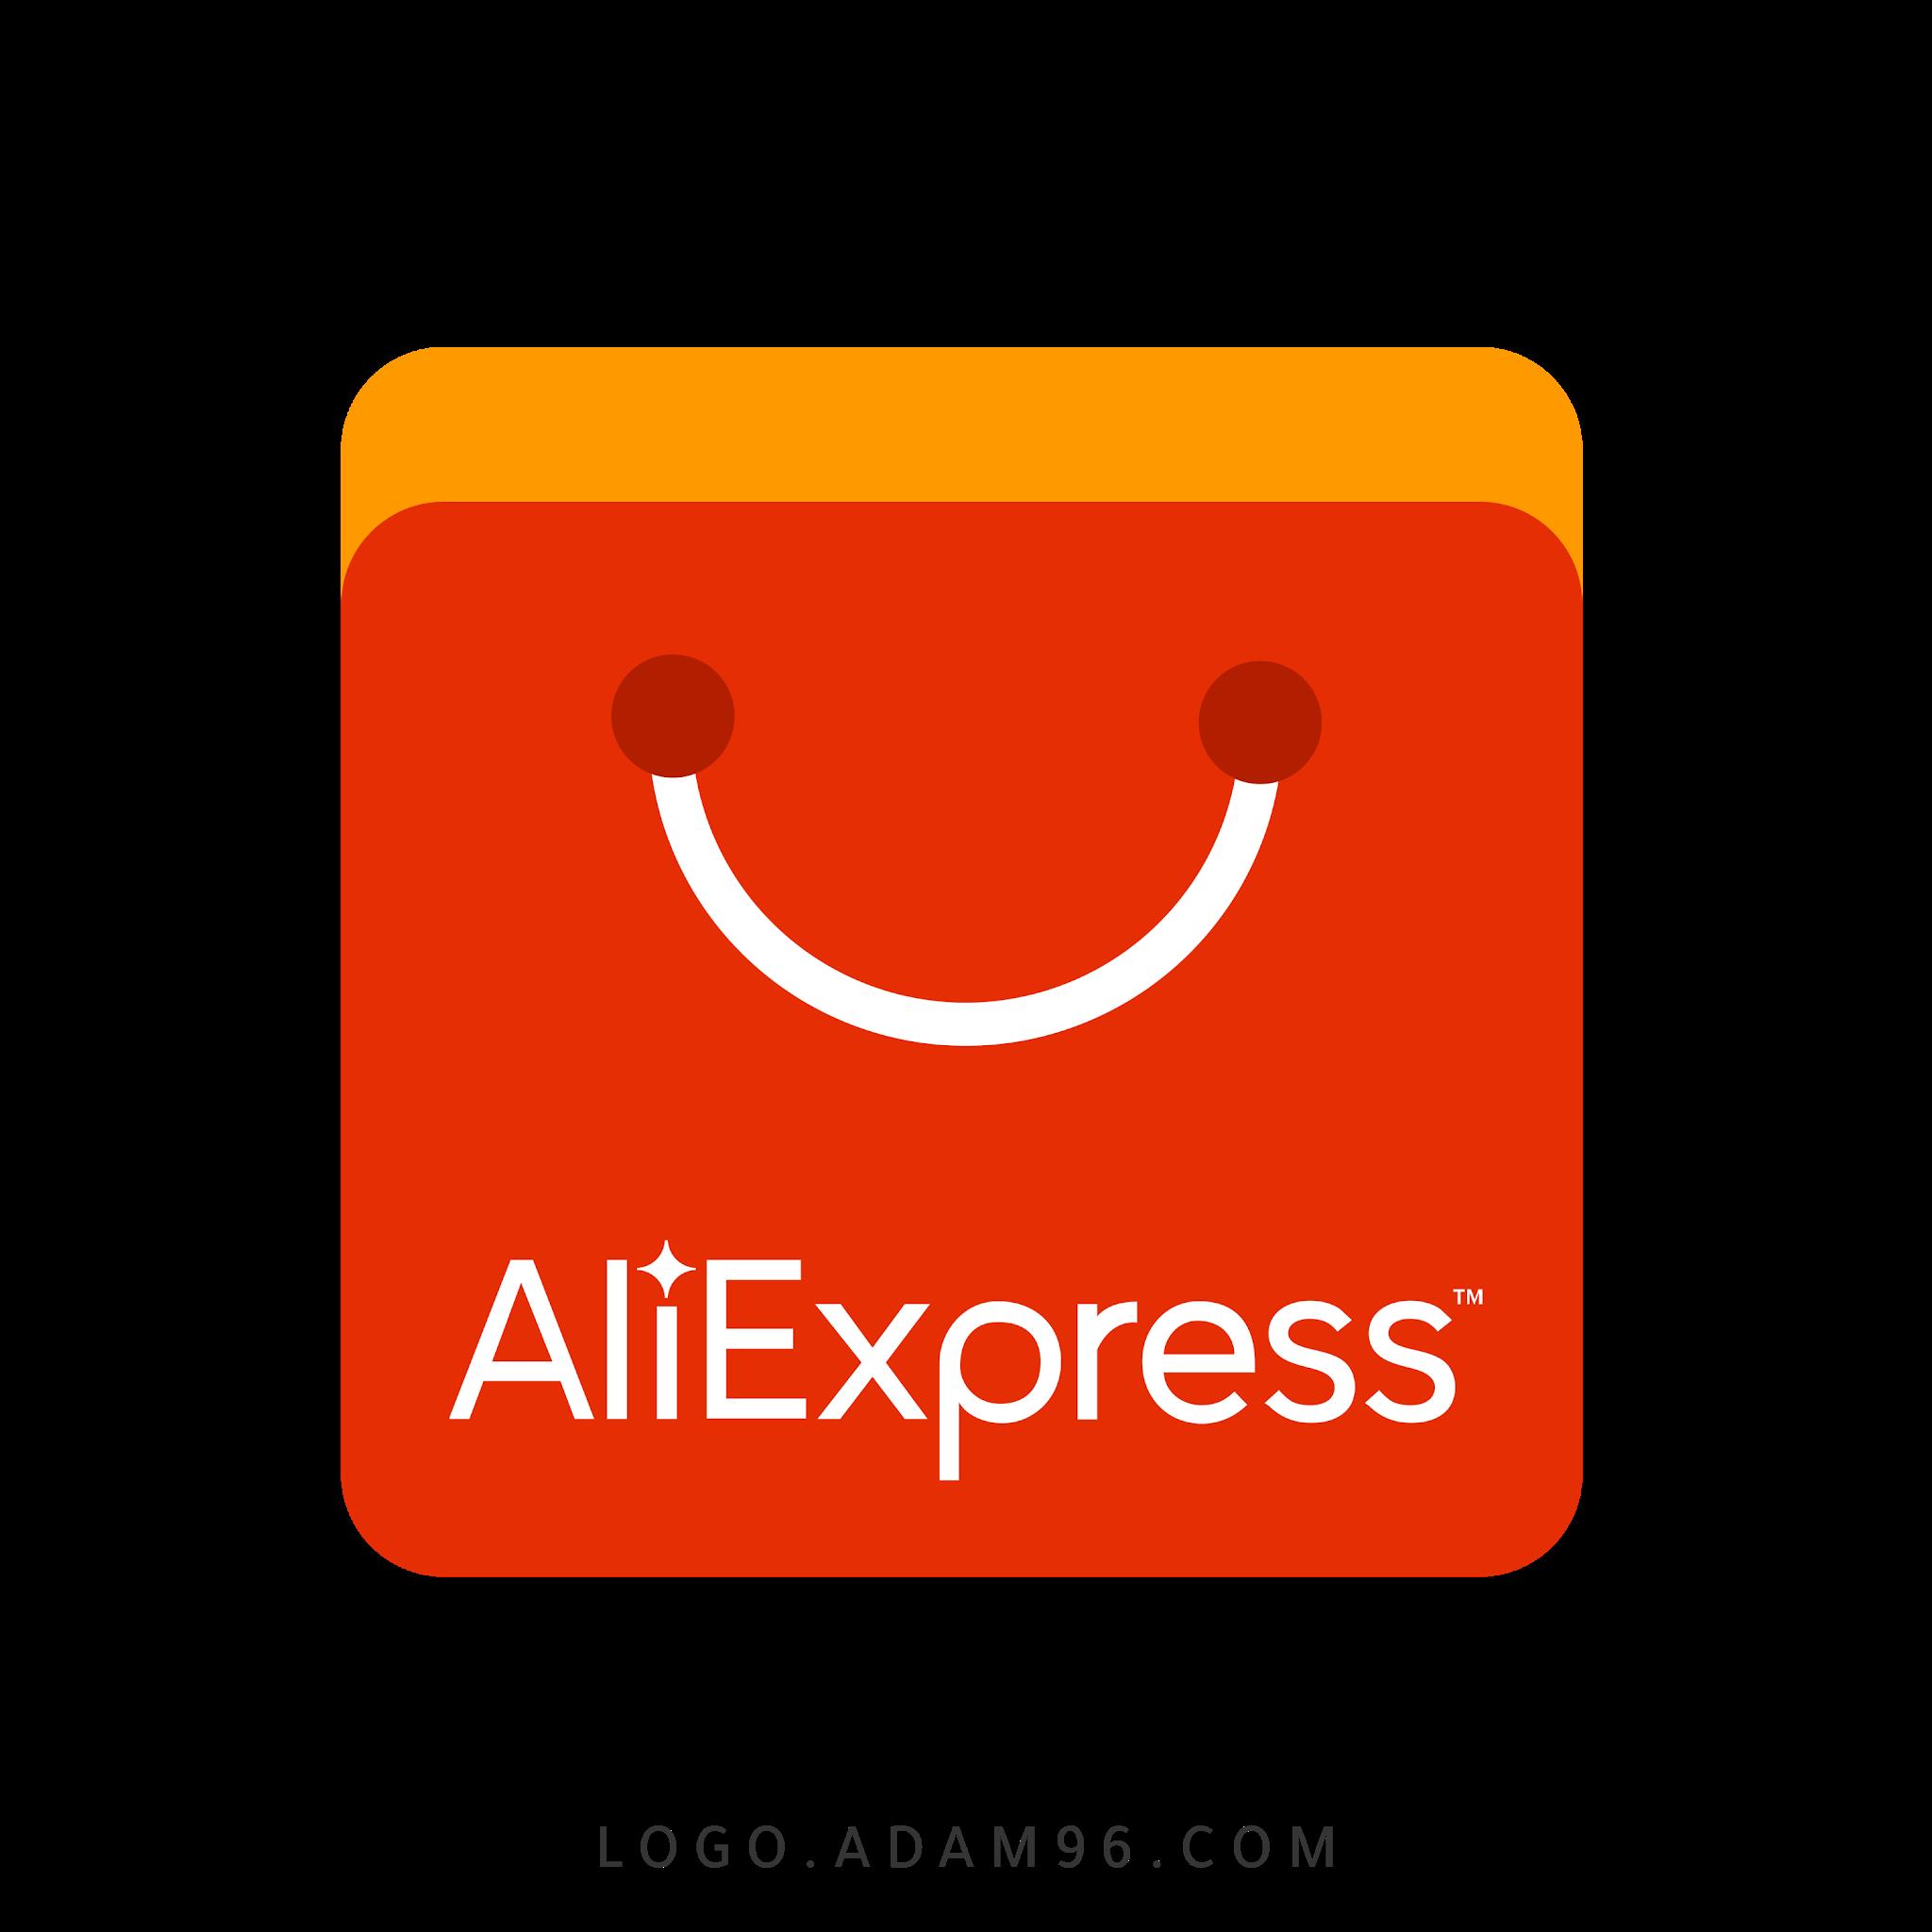 تحميل شعار موقع علي اكسبرس العالمي لوجو رسمي عالي الدقة بصيغة شفافة Logo Aliexpress PNG